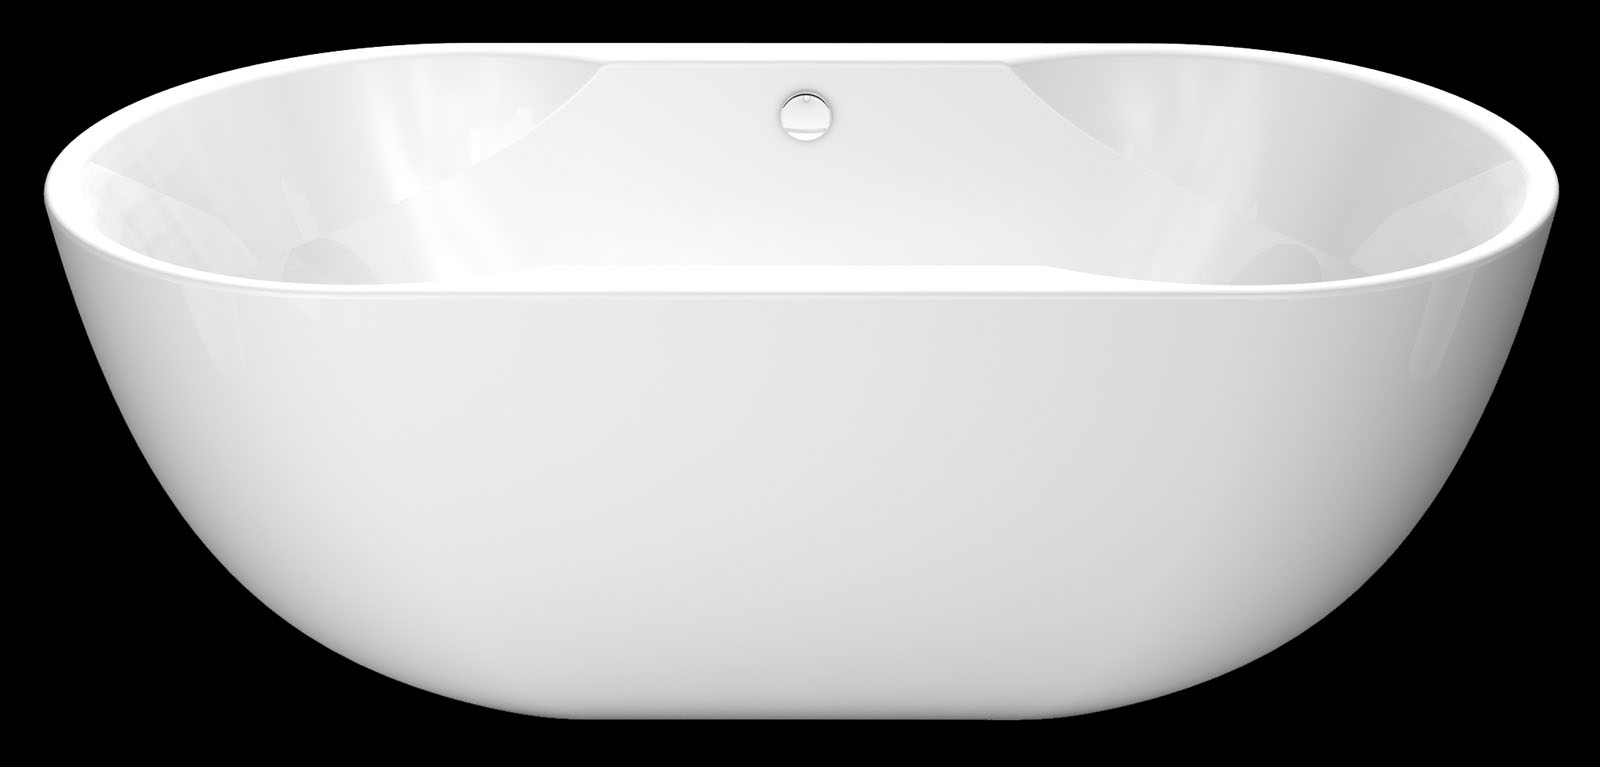 vasca da bagno freestanding modello gilda